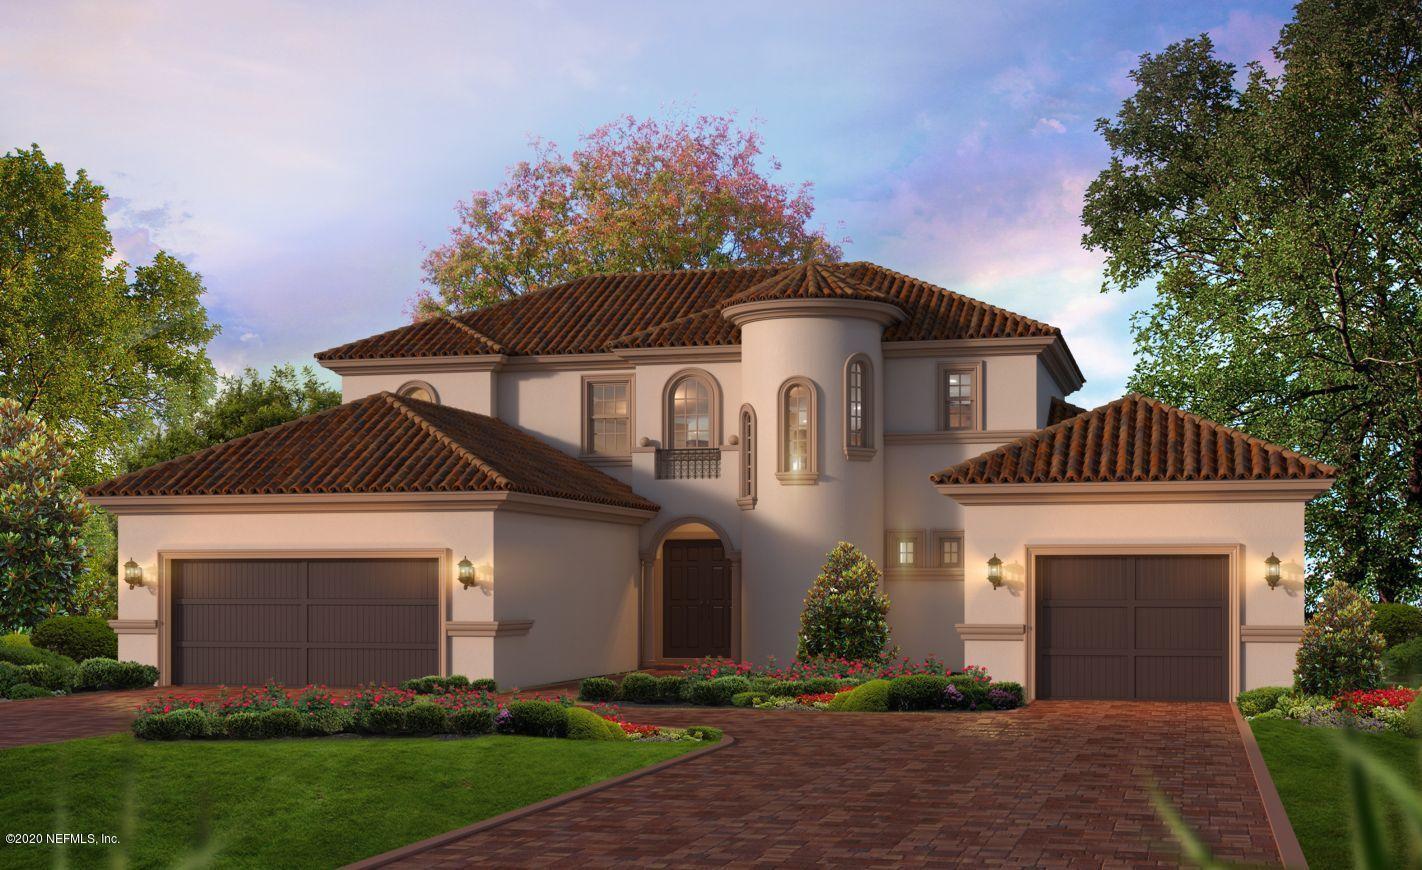 Listing Details for 2500 Karatas Ct, JACKSONVILLE, FL 32246